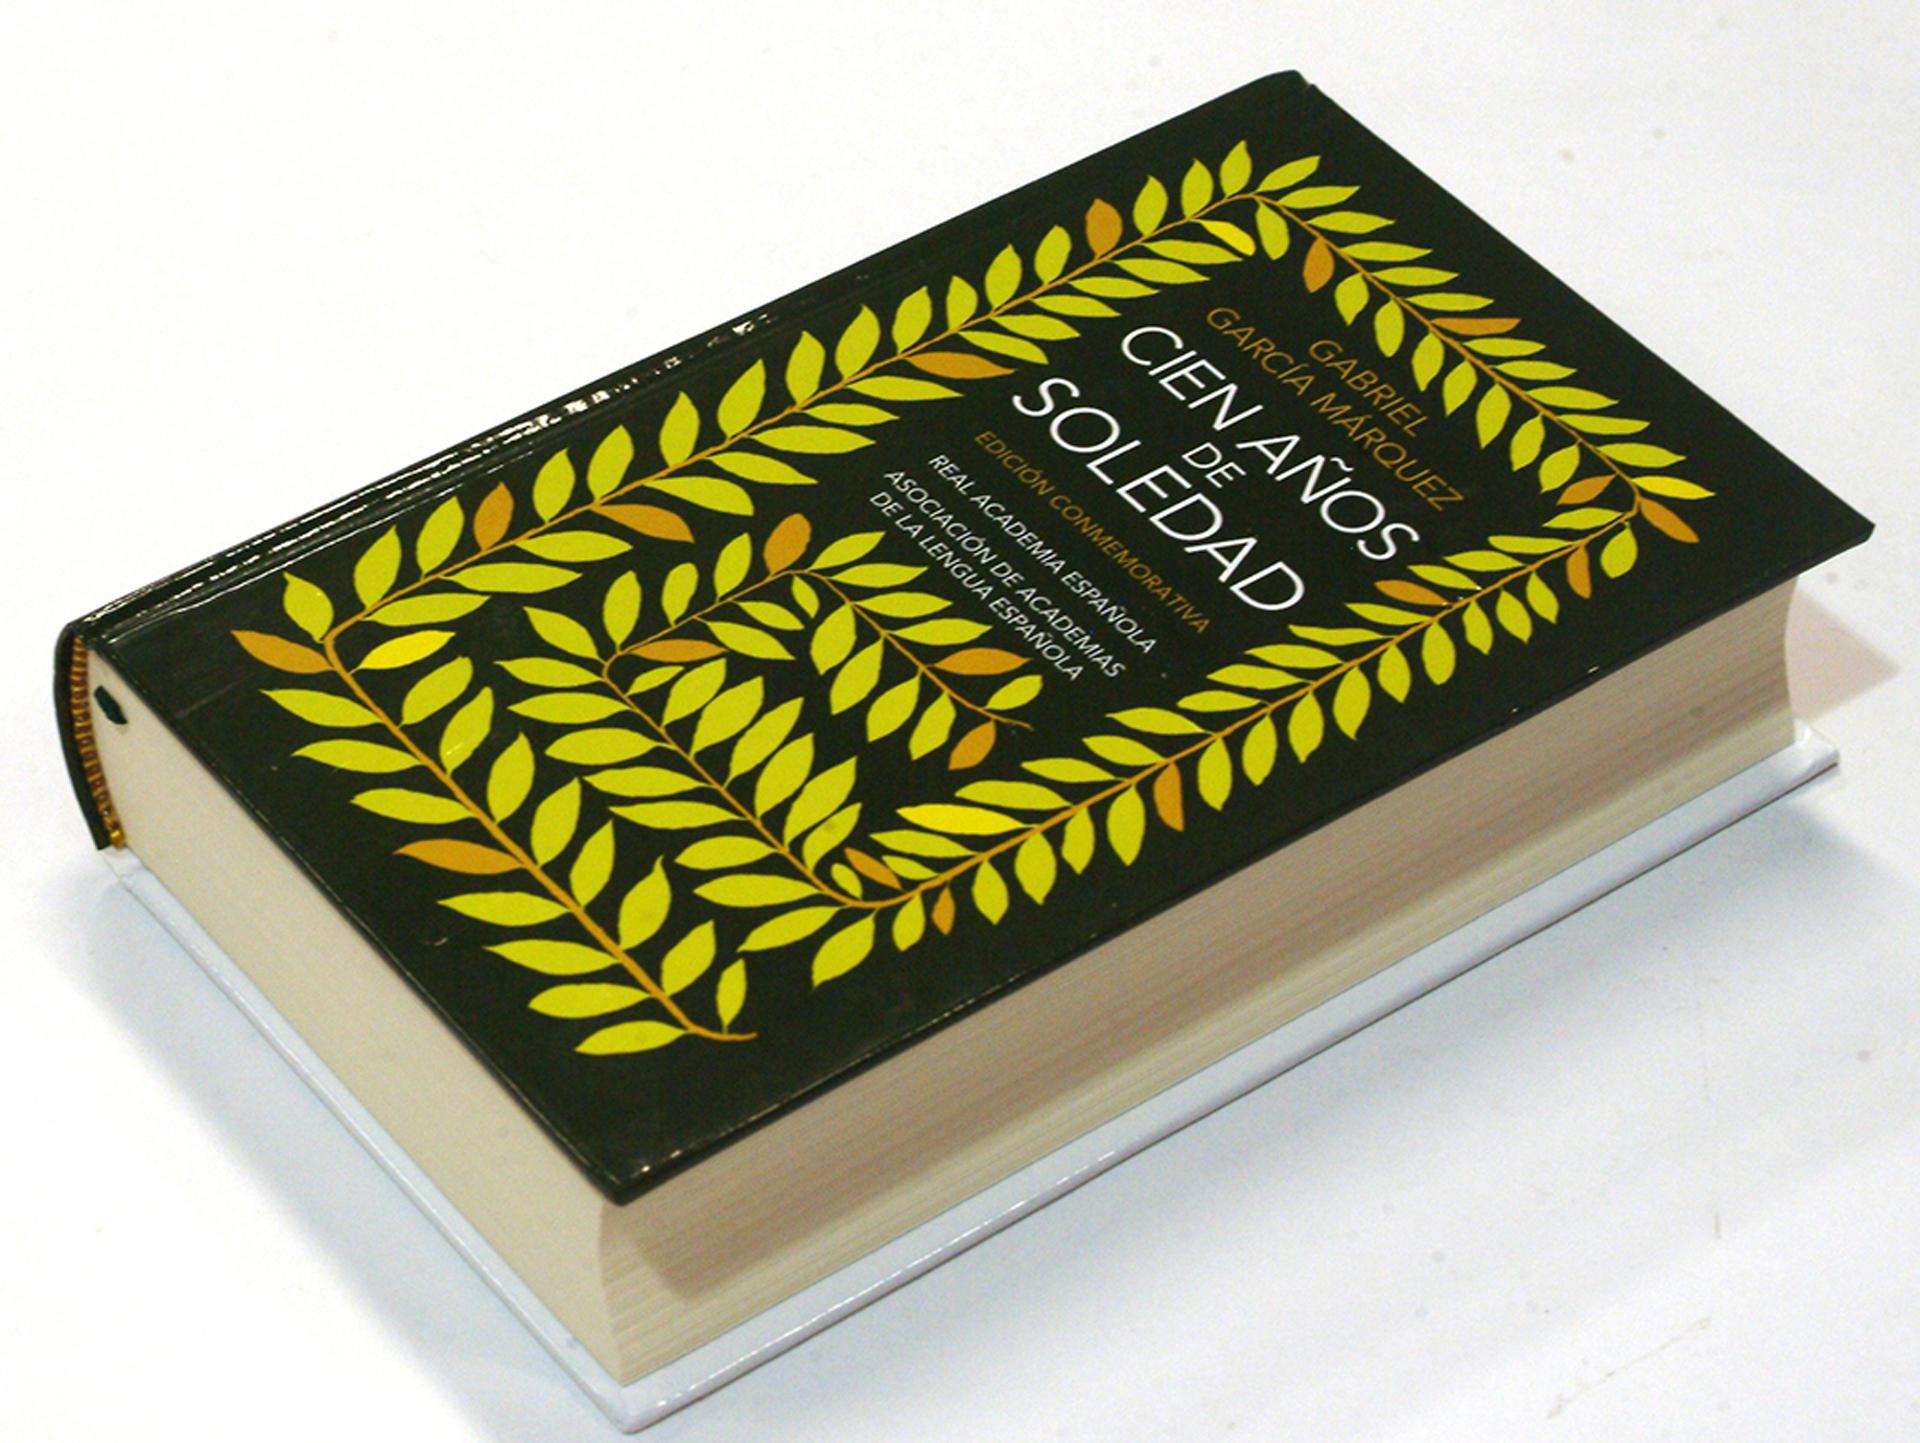 """Edición conmemorativa de """"Cien años de soledad"""", la novela más emblemática de Gabriel García Márquez que se publicó por primera vez en 1967"""